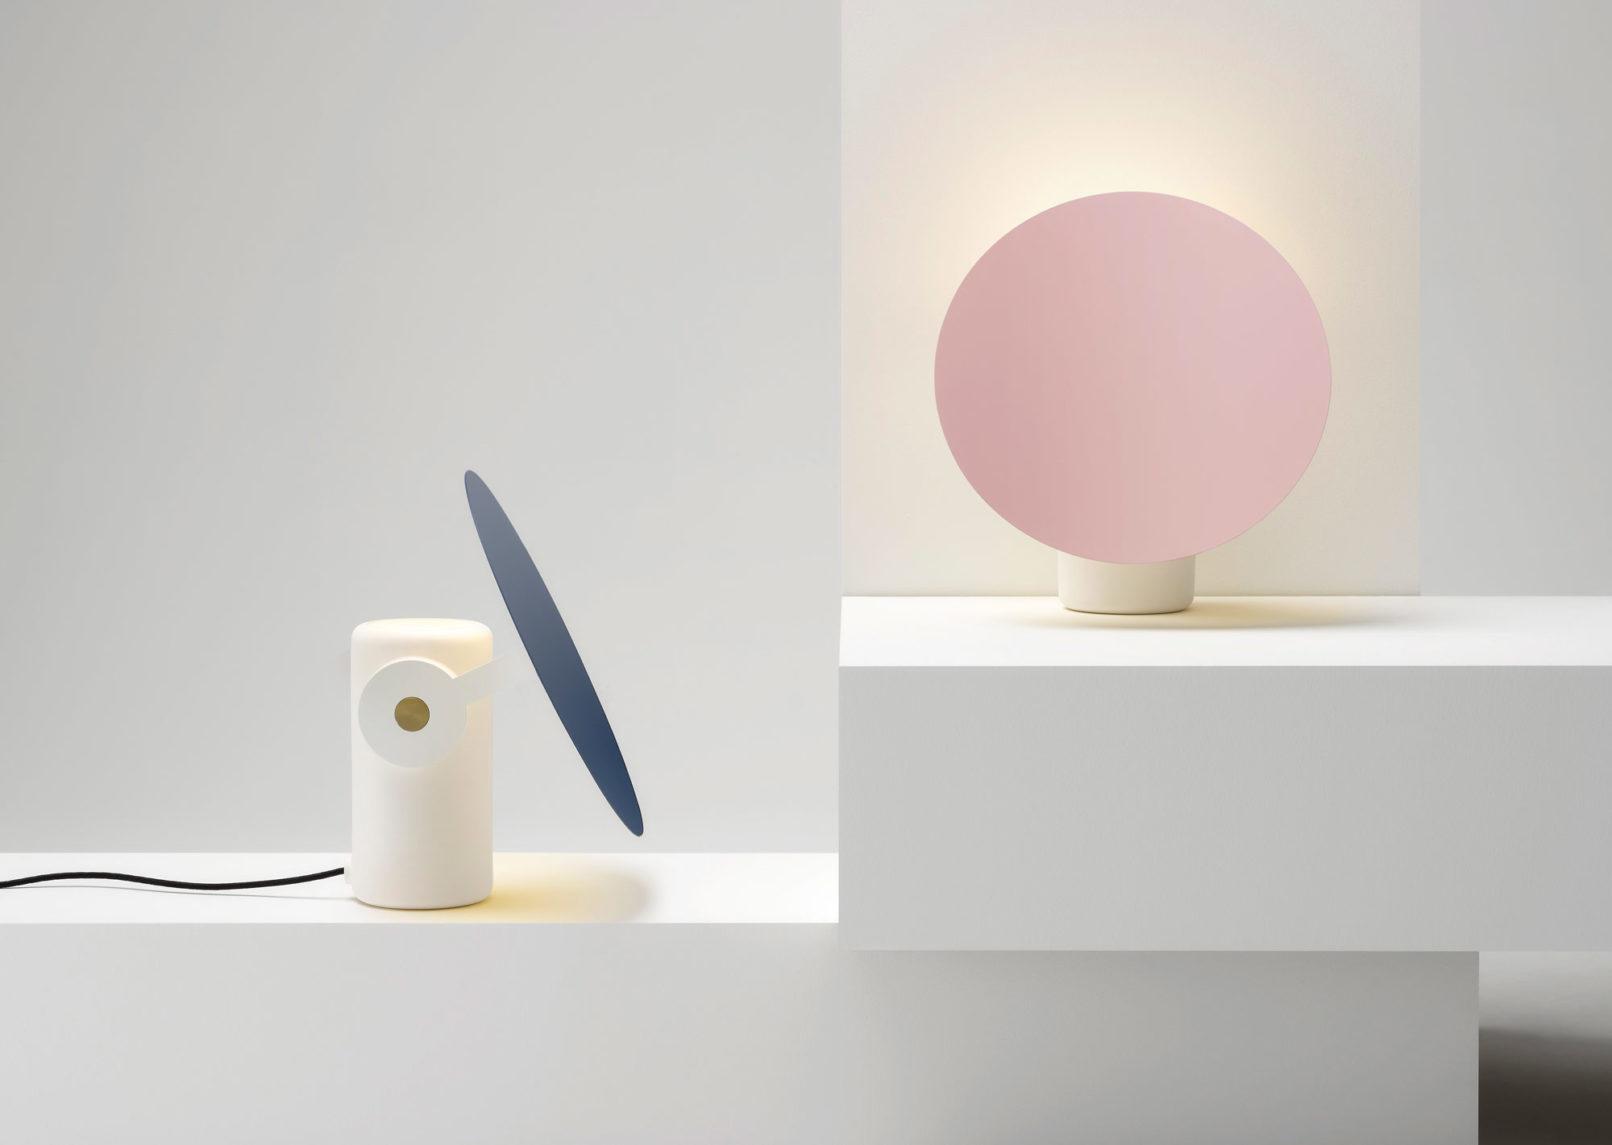 Lighting-Polar-Desk-Light-3-1612x1145.jpg